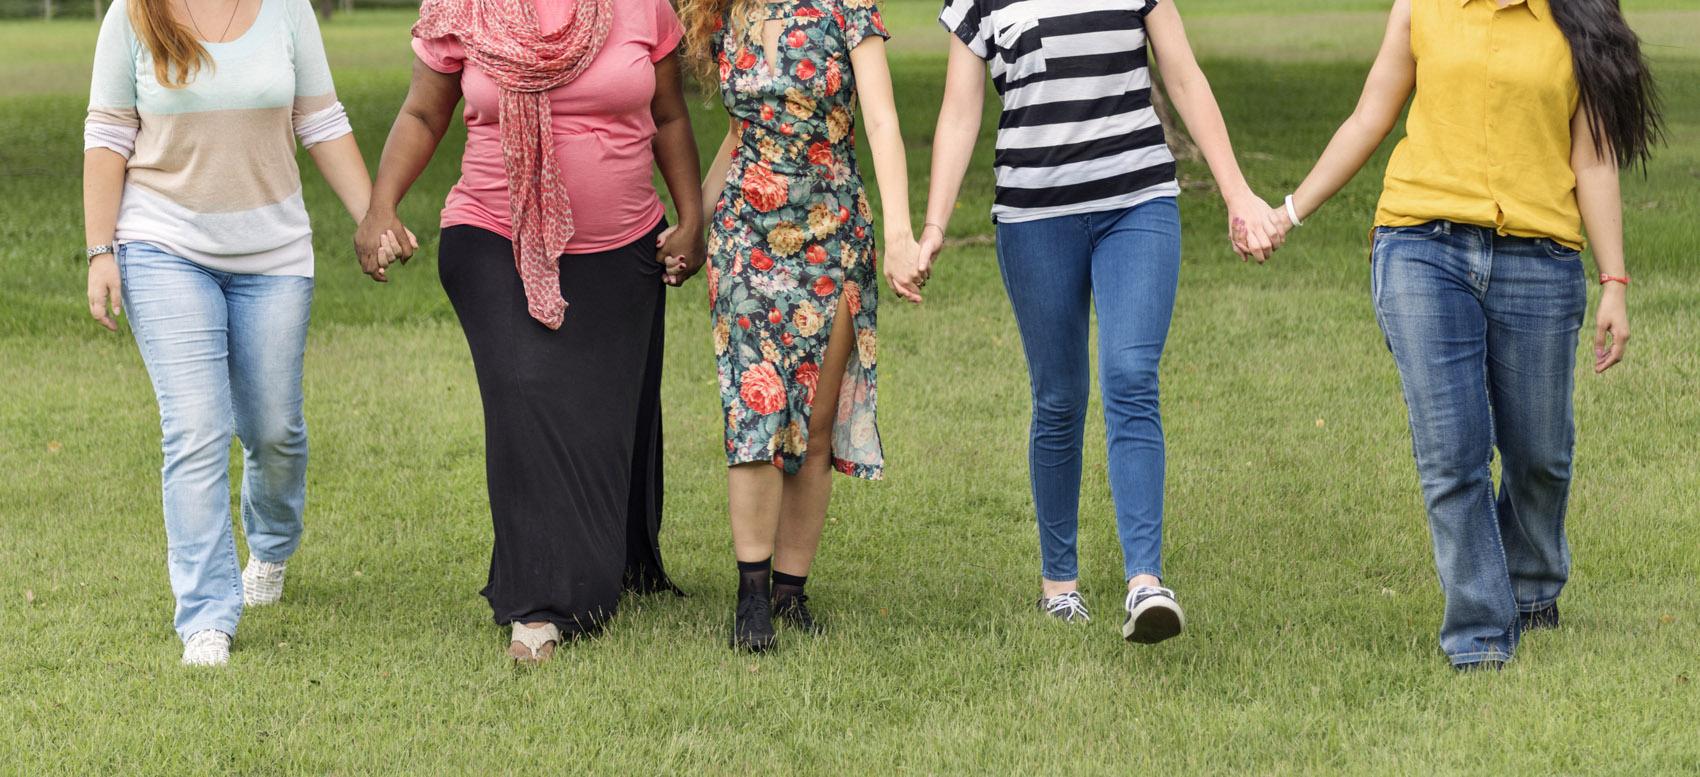 gruppo di donne a mani unite su prato